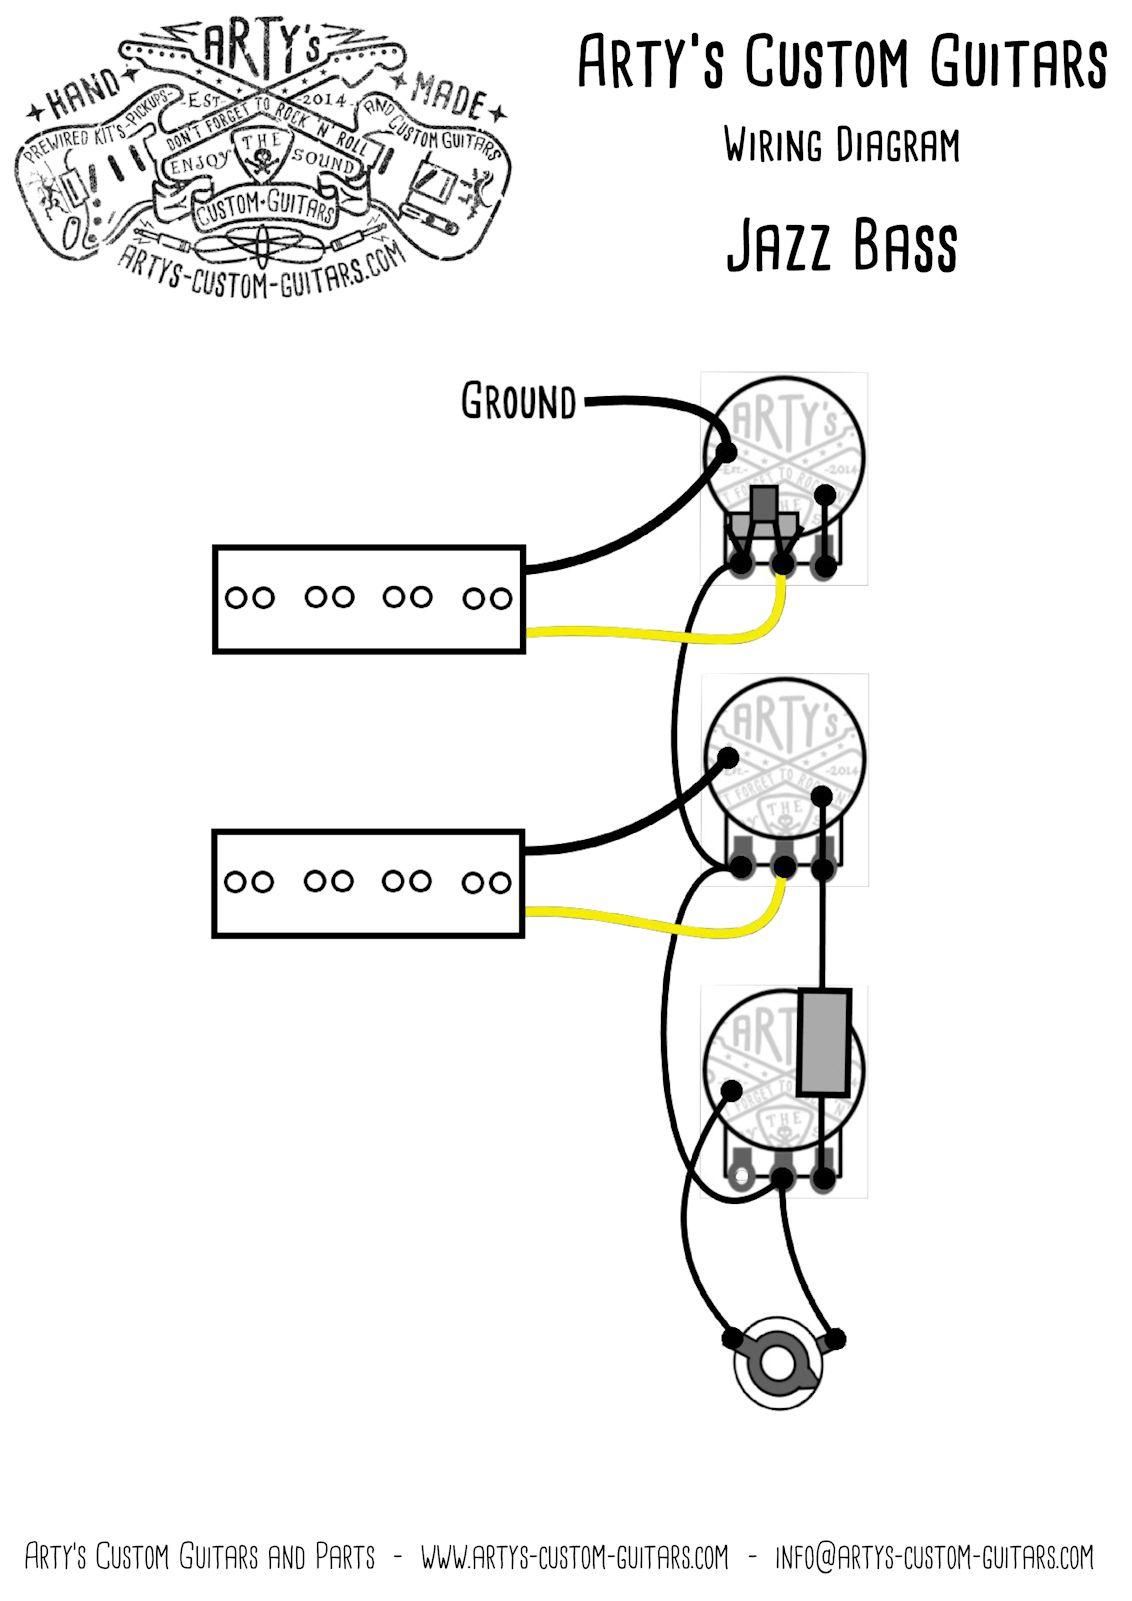 Wiring Harness Jazz Bass Balance J Bass Com Imagens